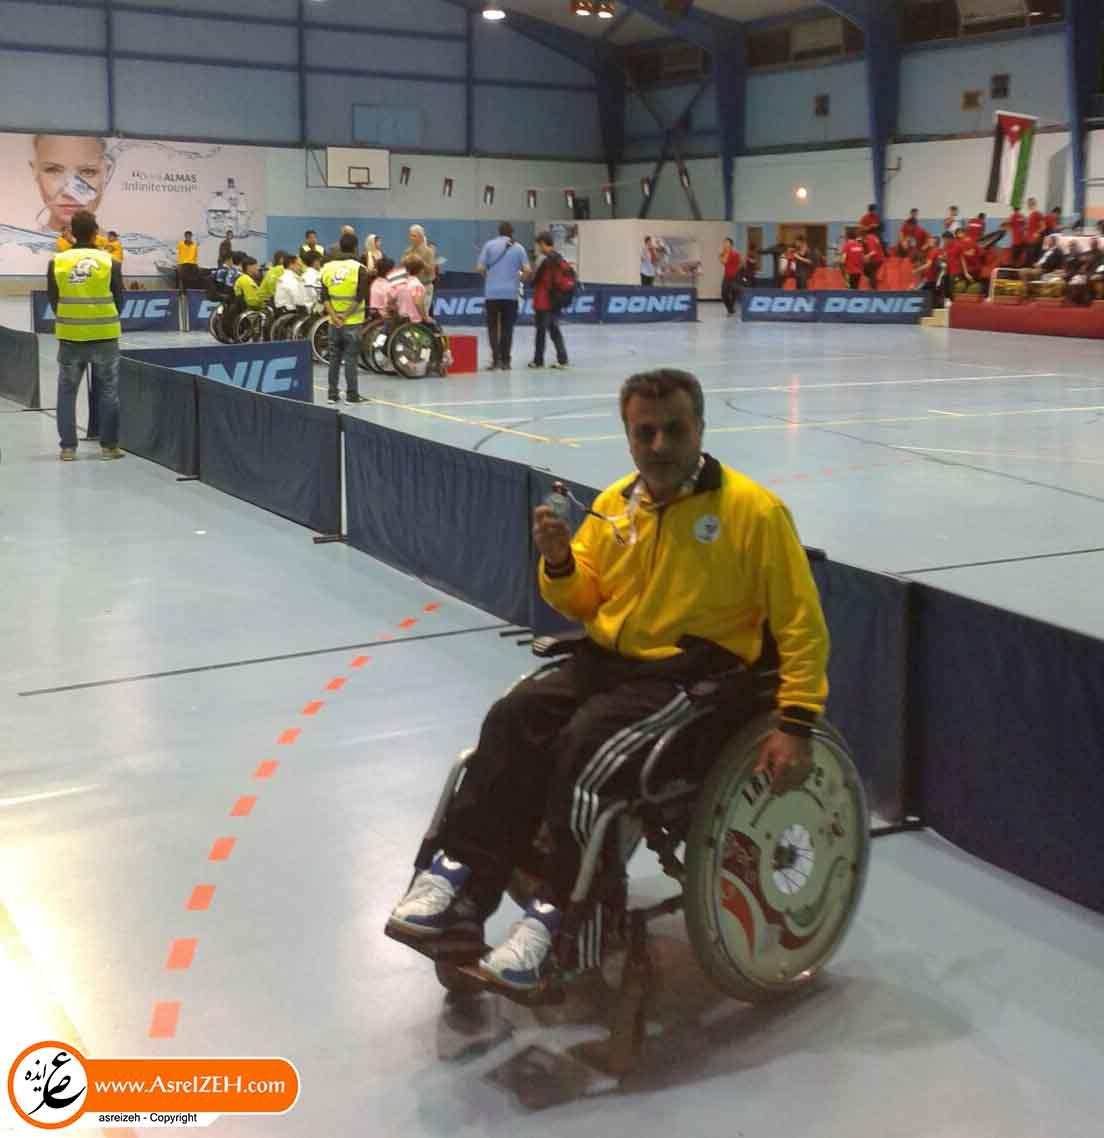 نماینده ایذهای مدال نقره رقابتهای تنیس روی میز جانبازان و معلولین قهرمانی آسیا را کسب کرد+ عکس